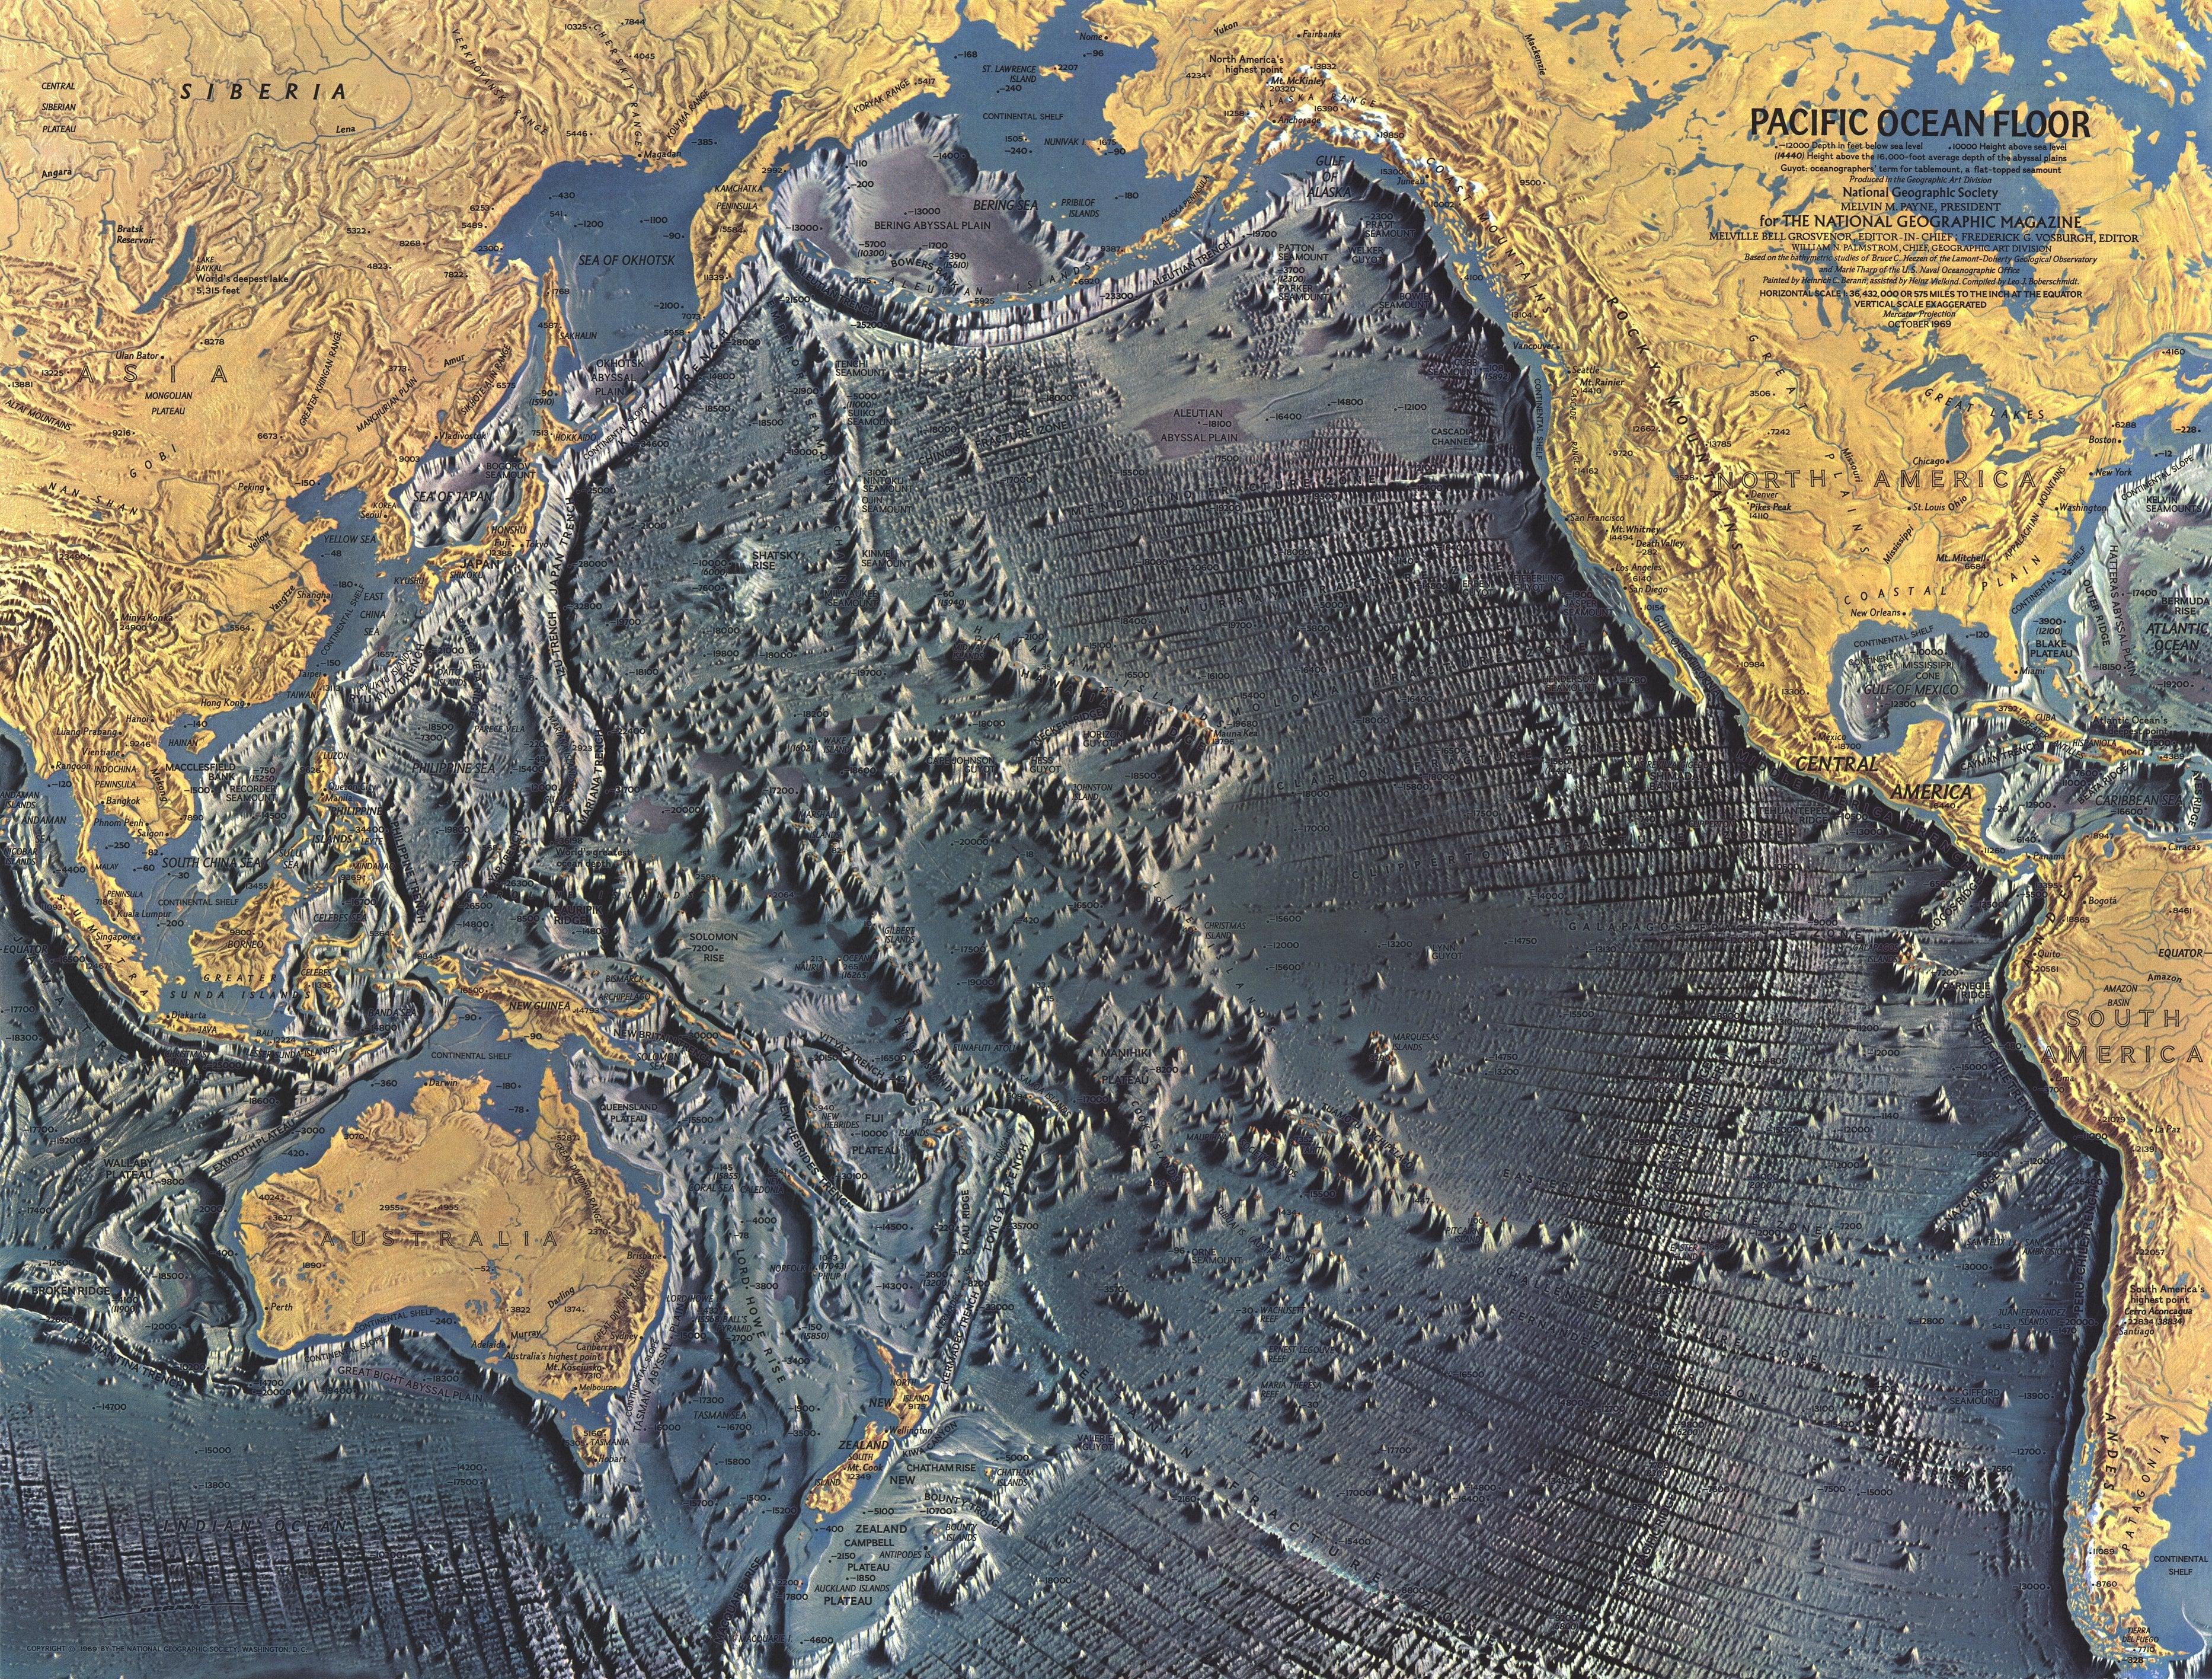 NGS 1969 Pacific Ocean Floor Map